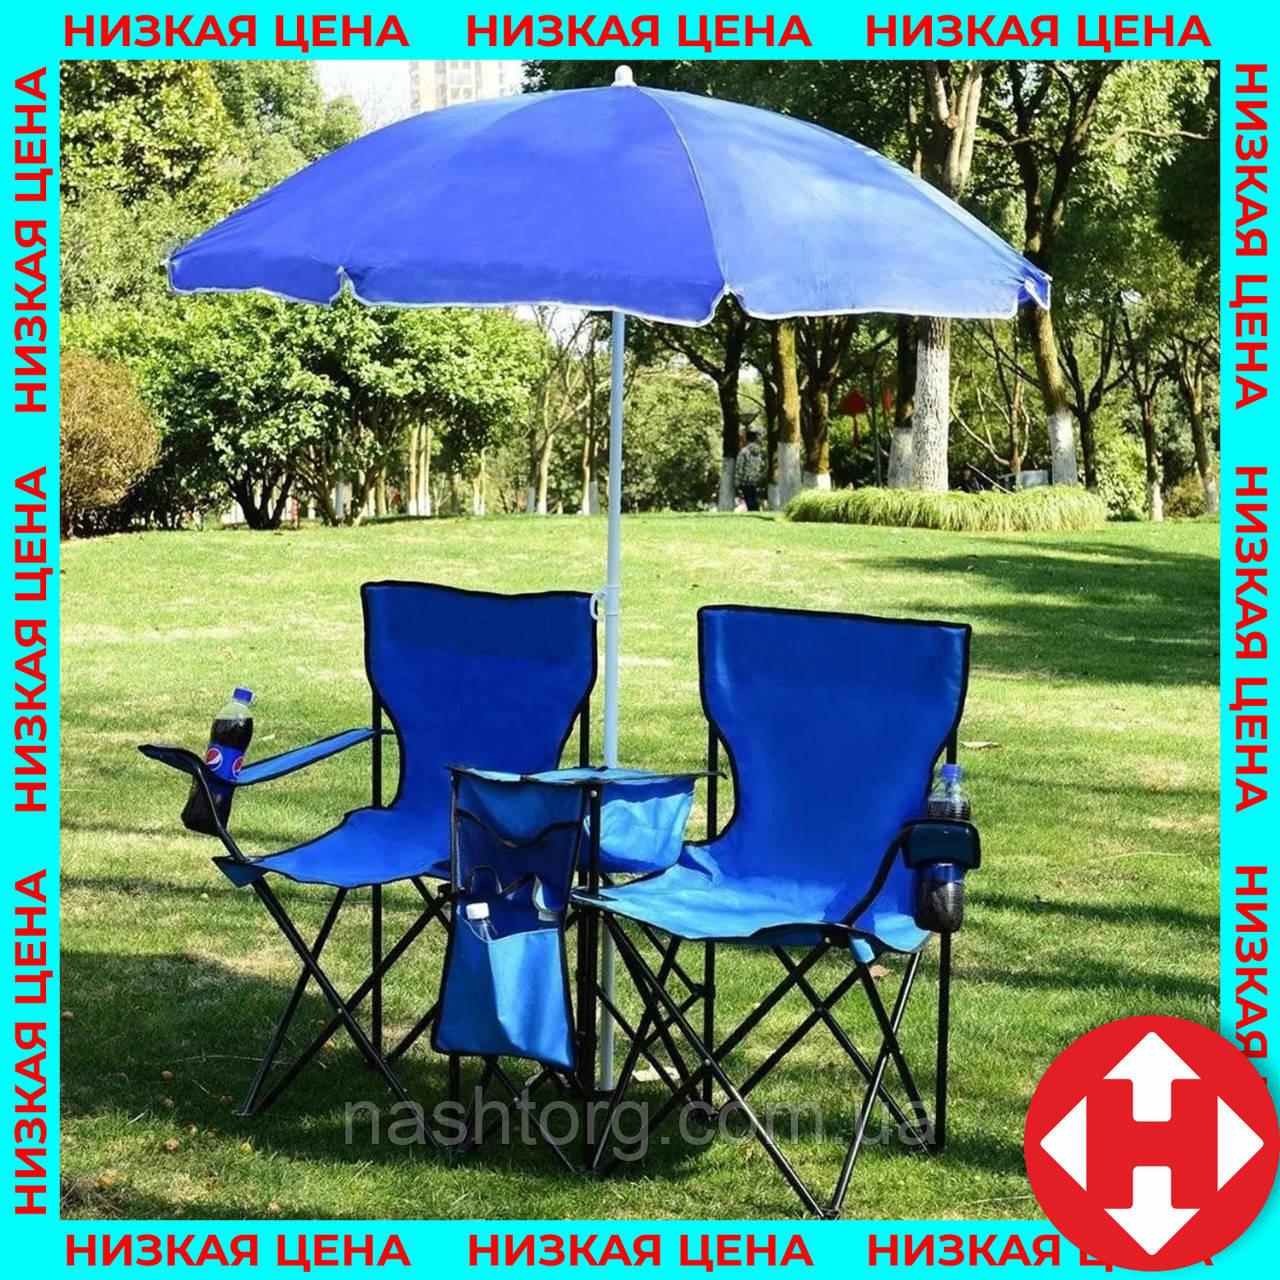 Зонт с наклоном от солнца, синий, большой зонтик садовый, пляжный 1.75 м. с доставкой